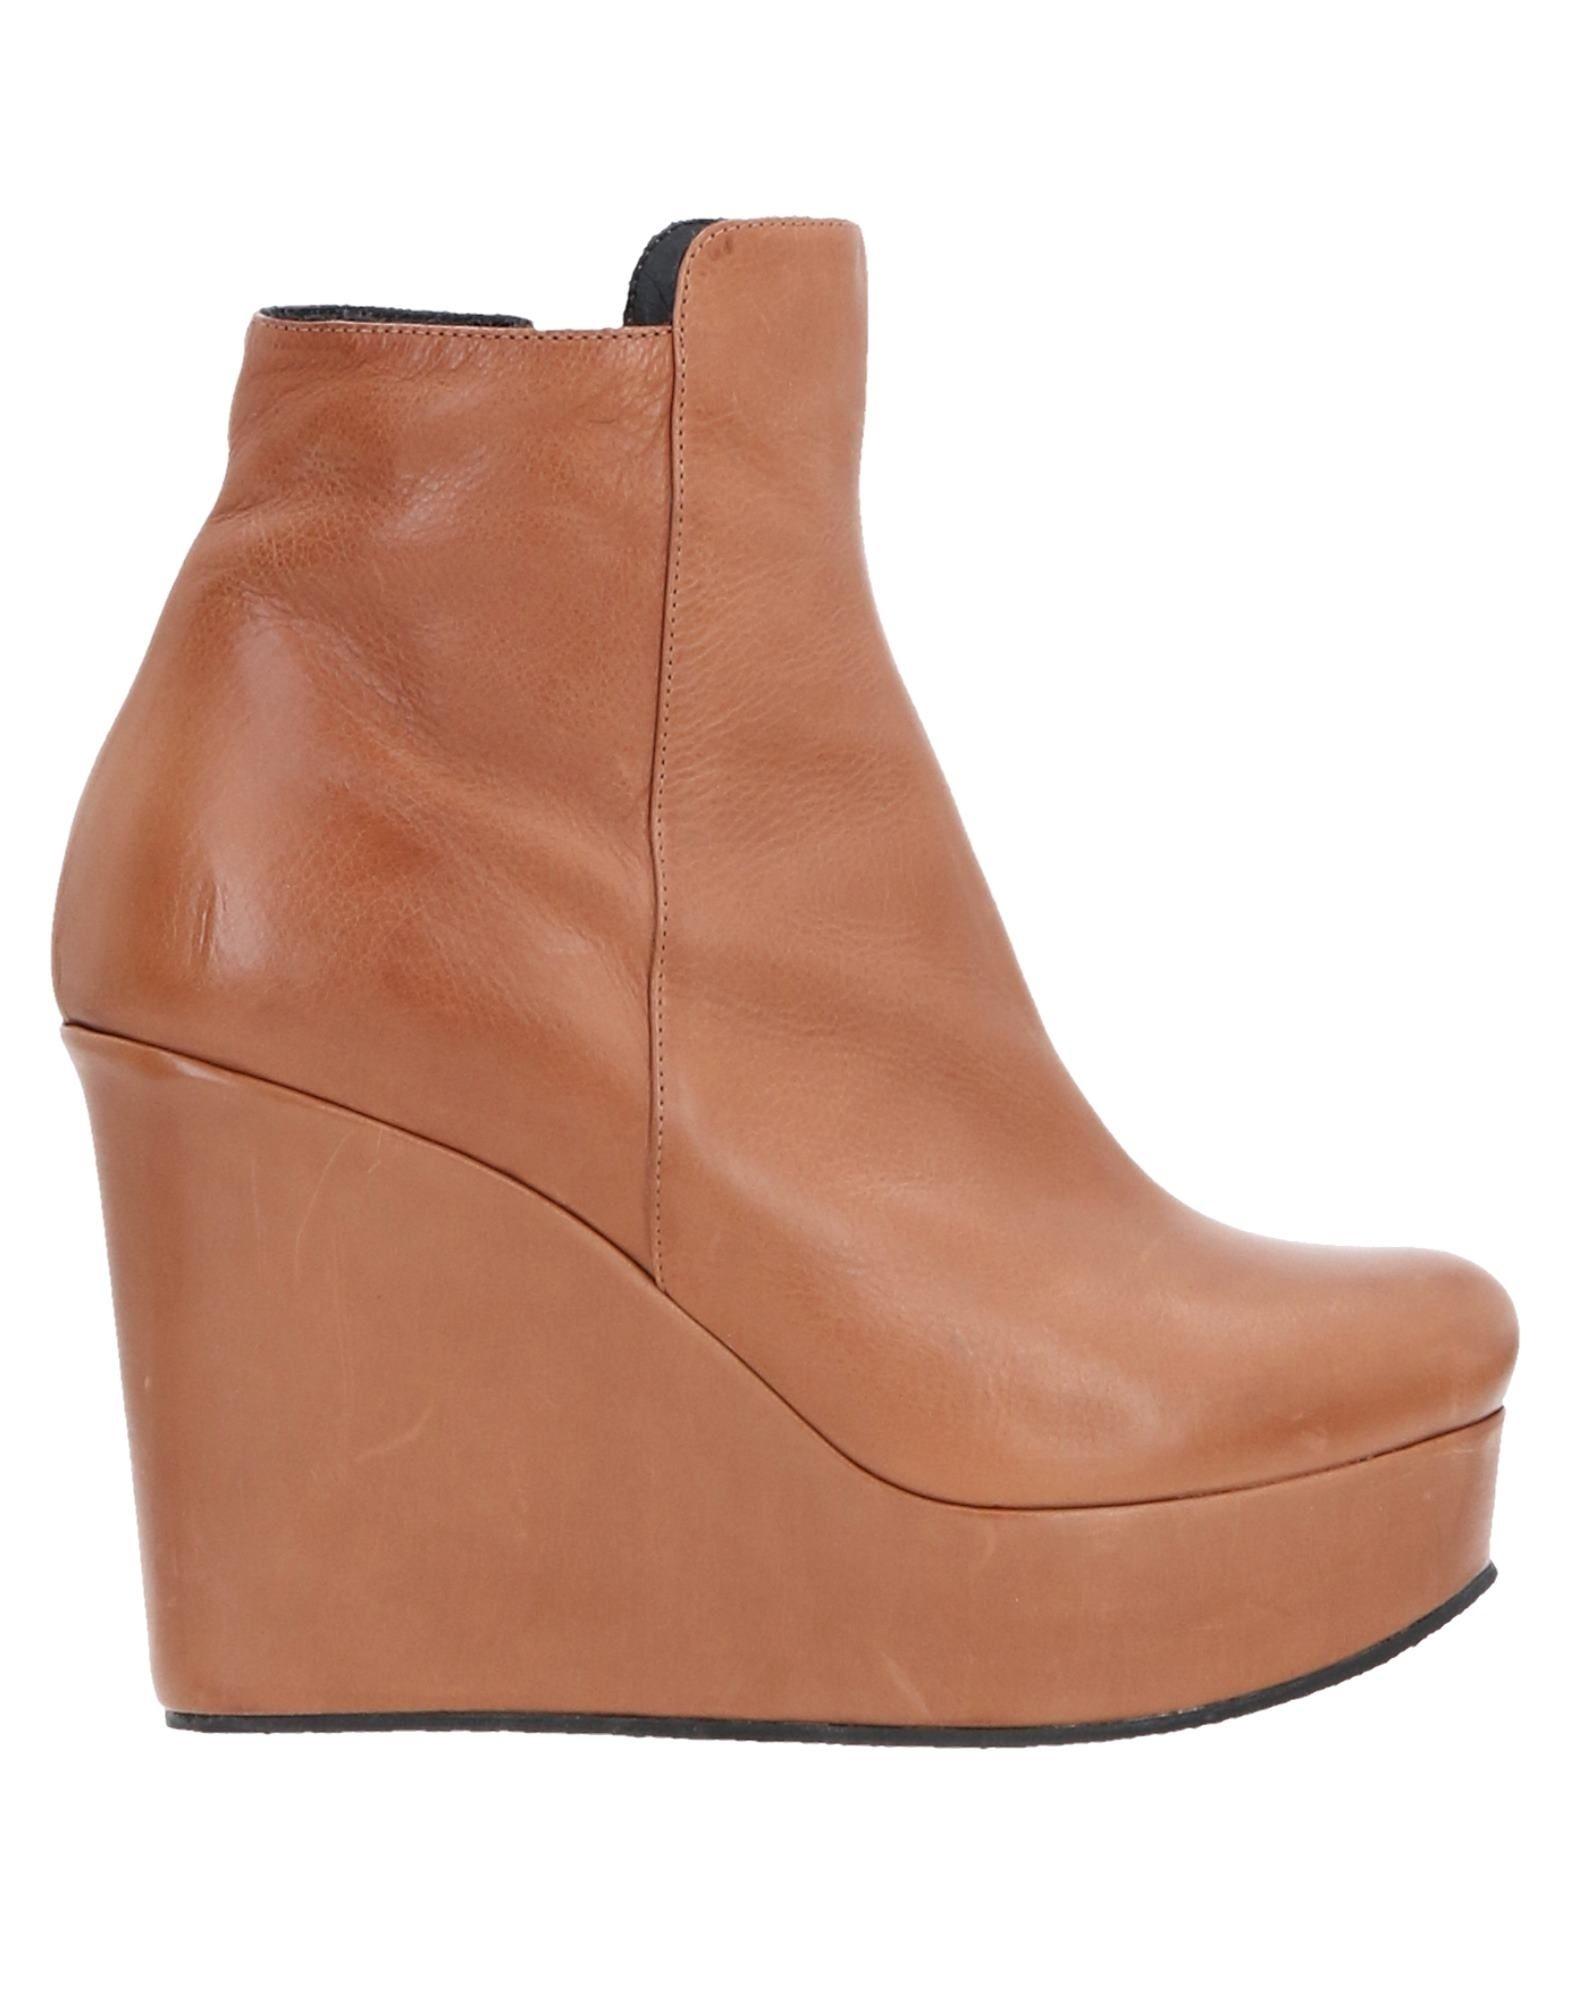 Stilvolle billige Schuhe Carla 11522995XG G. Stiefelette Damen  11522995XG Carla 64933b